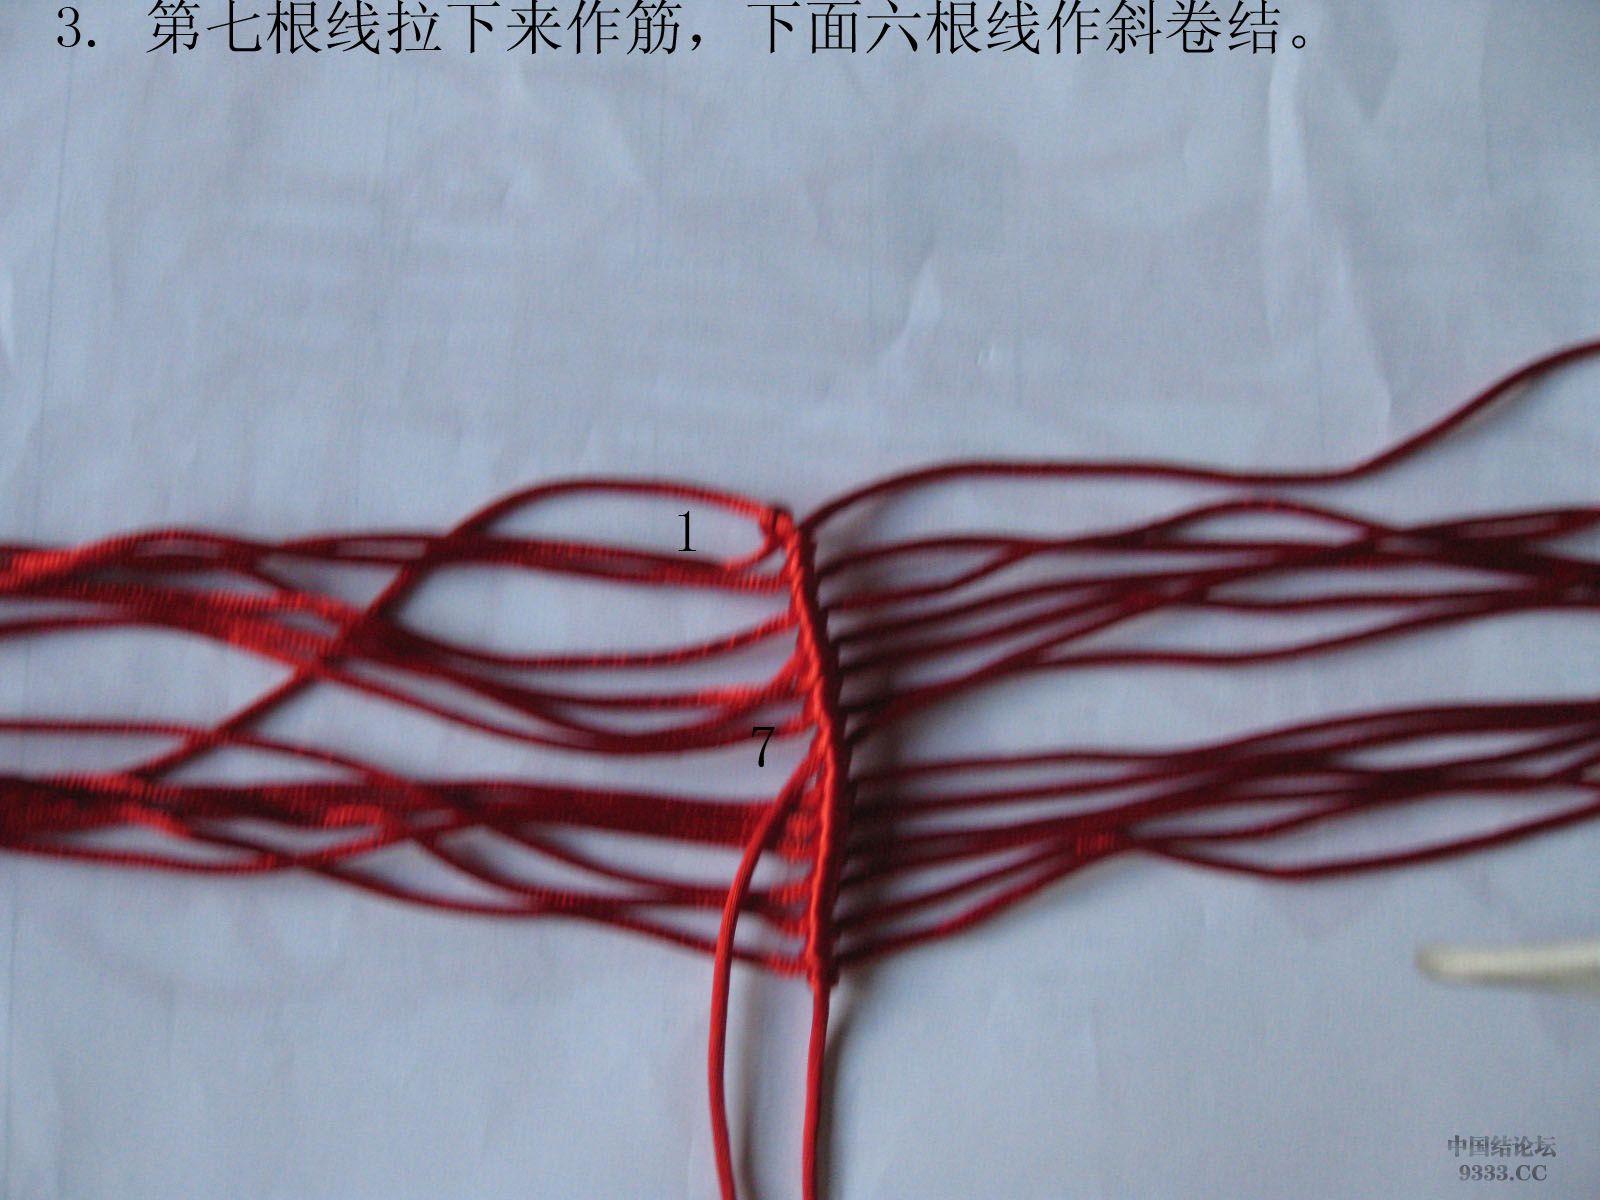 中国结论坛 我发一个鲤鱼教程  立体绳结教程与交流区 09091607109e7dc37b6491ef18